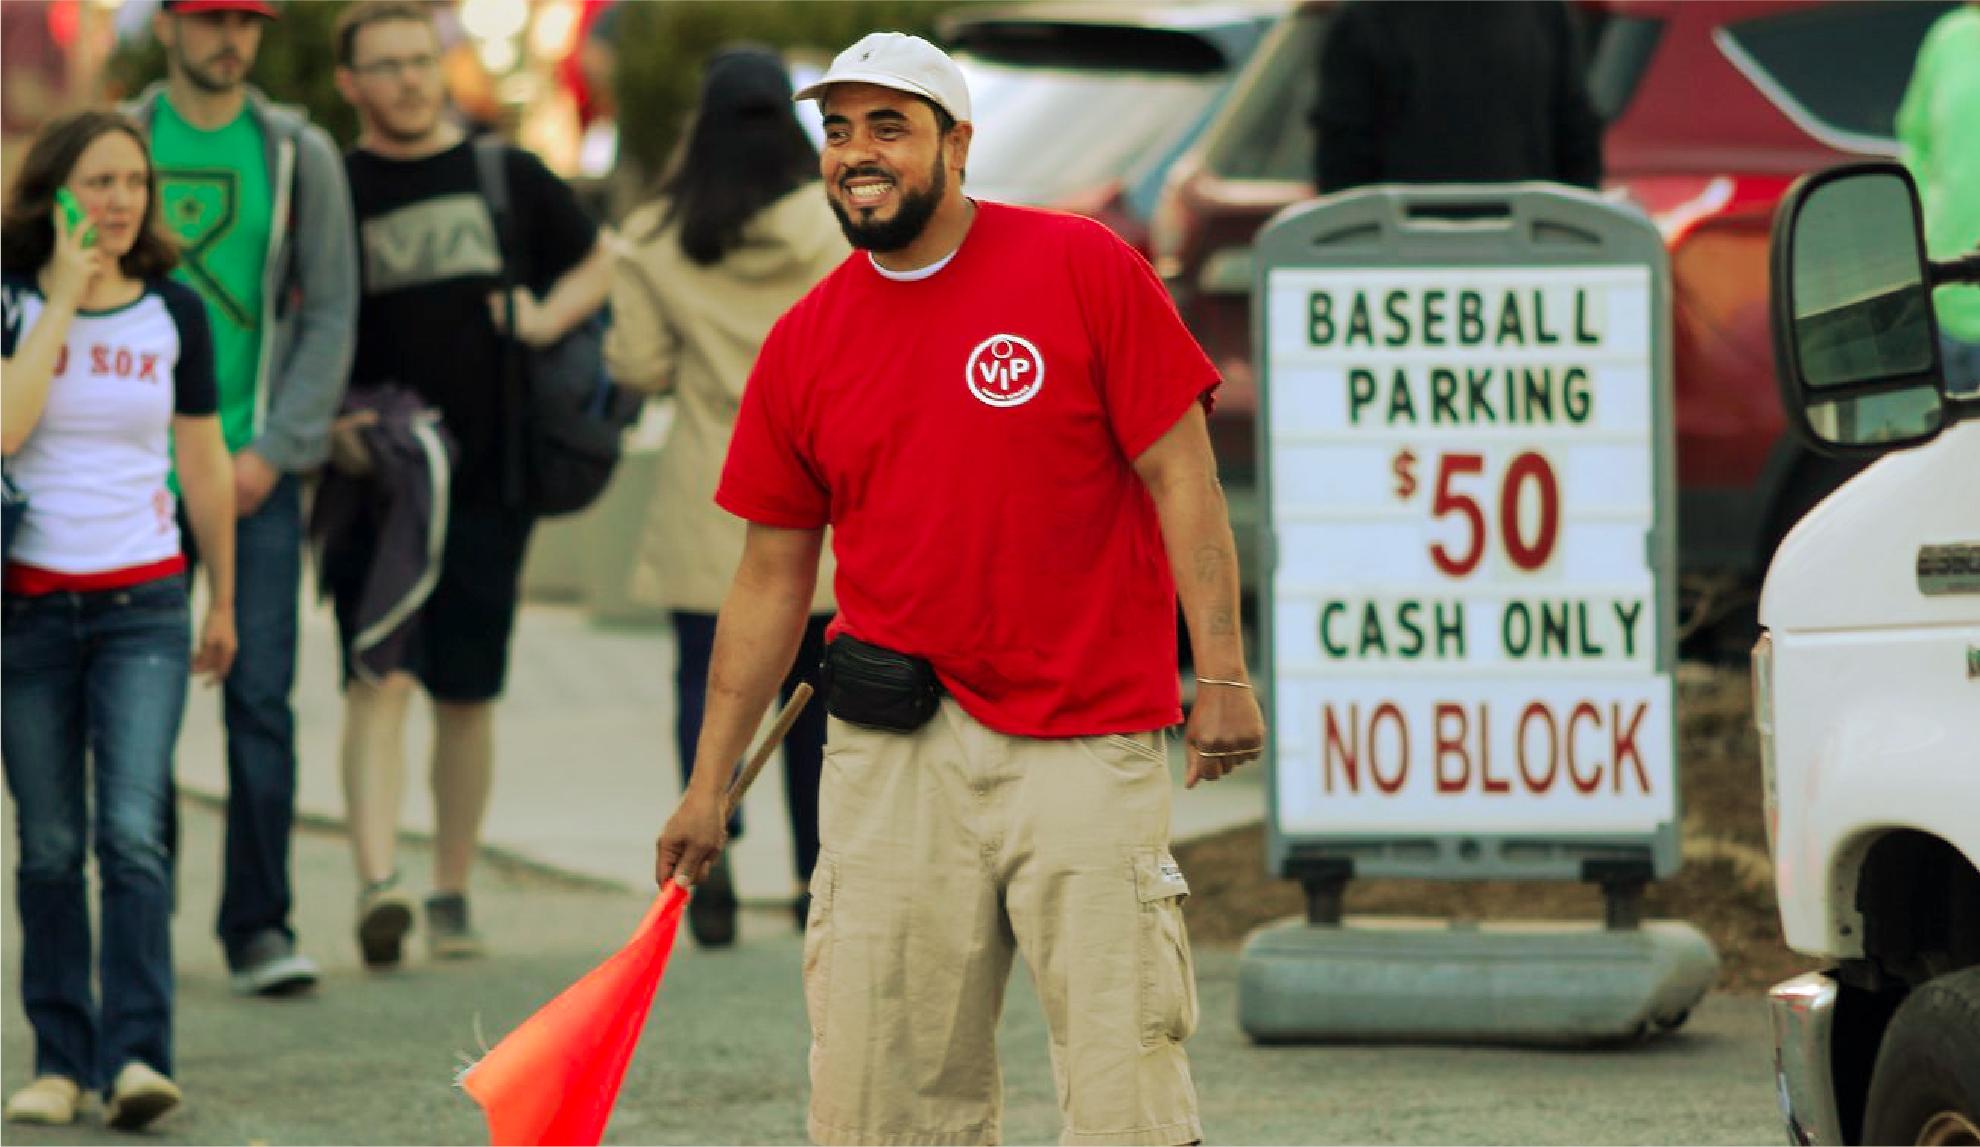 visting fenway park parking